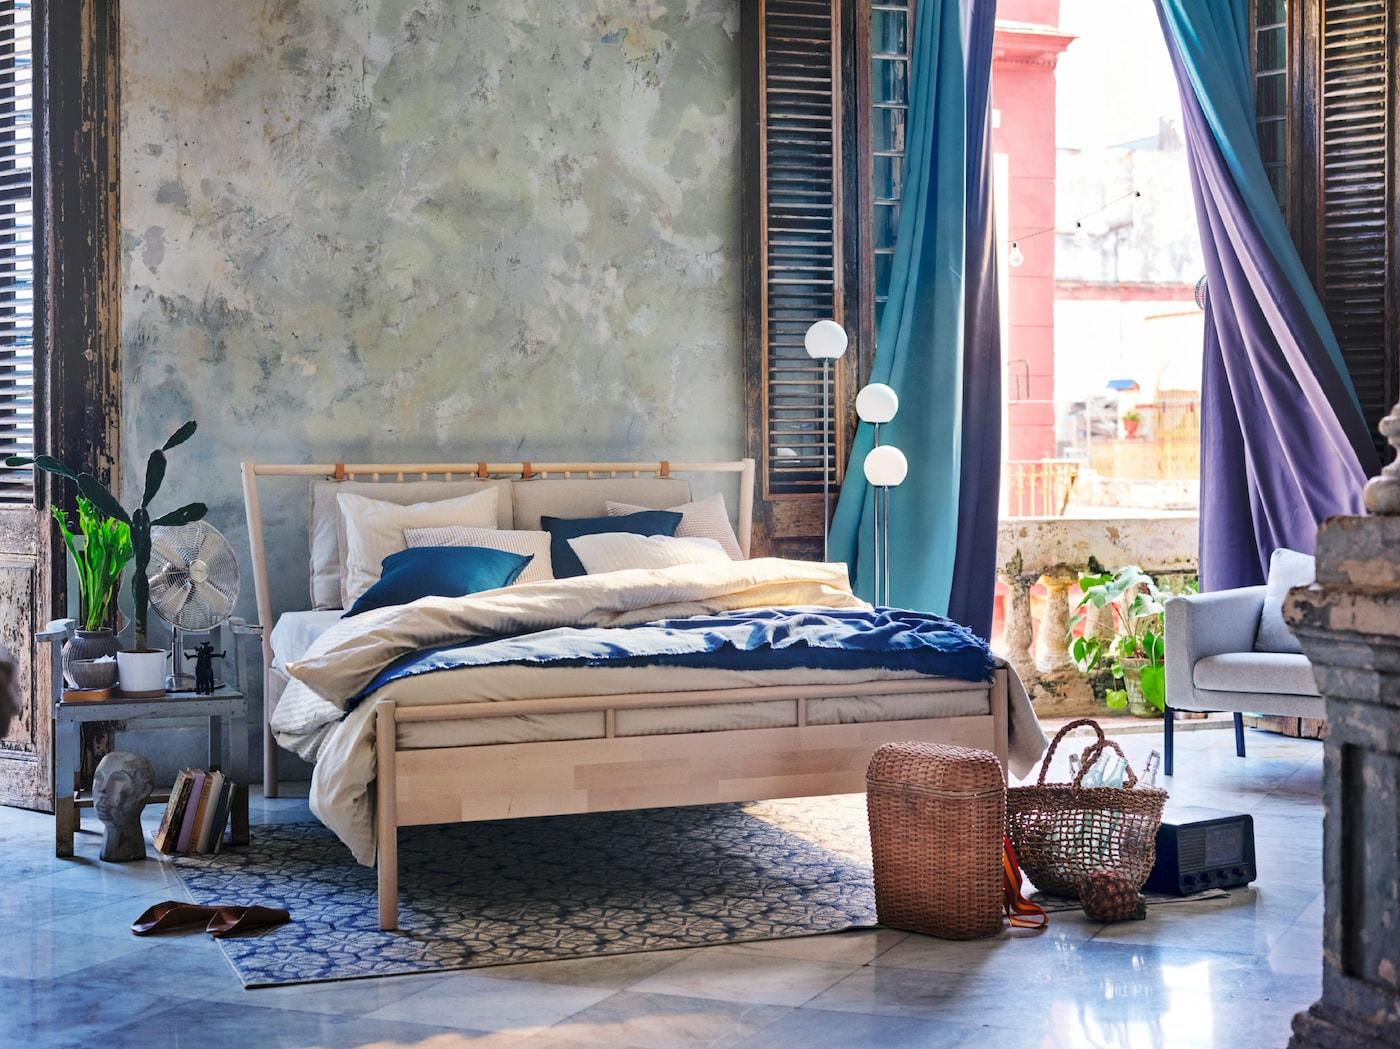 Une chambre gris-bleu aux rideaux en turquoise et mauve flottant au vent.